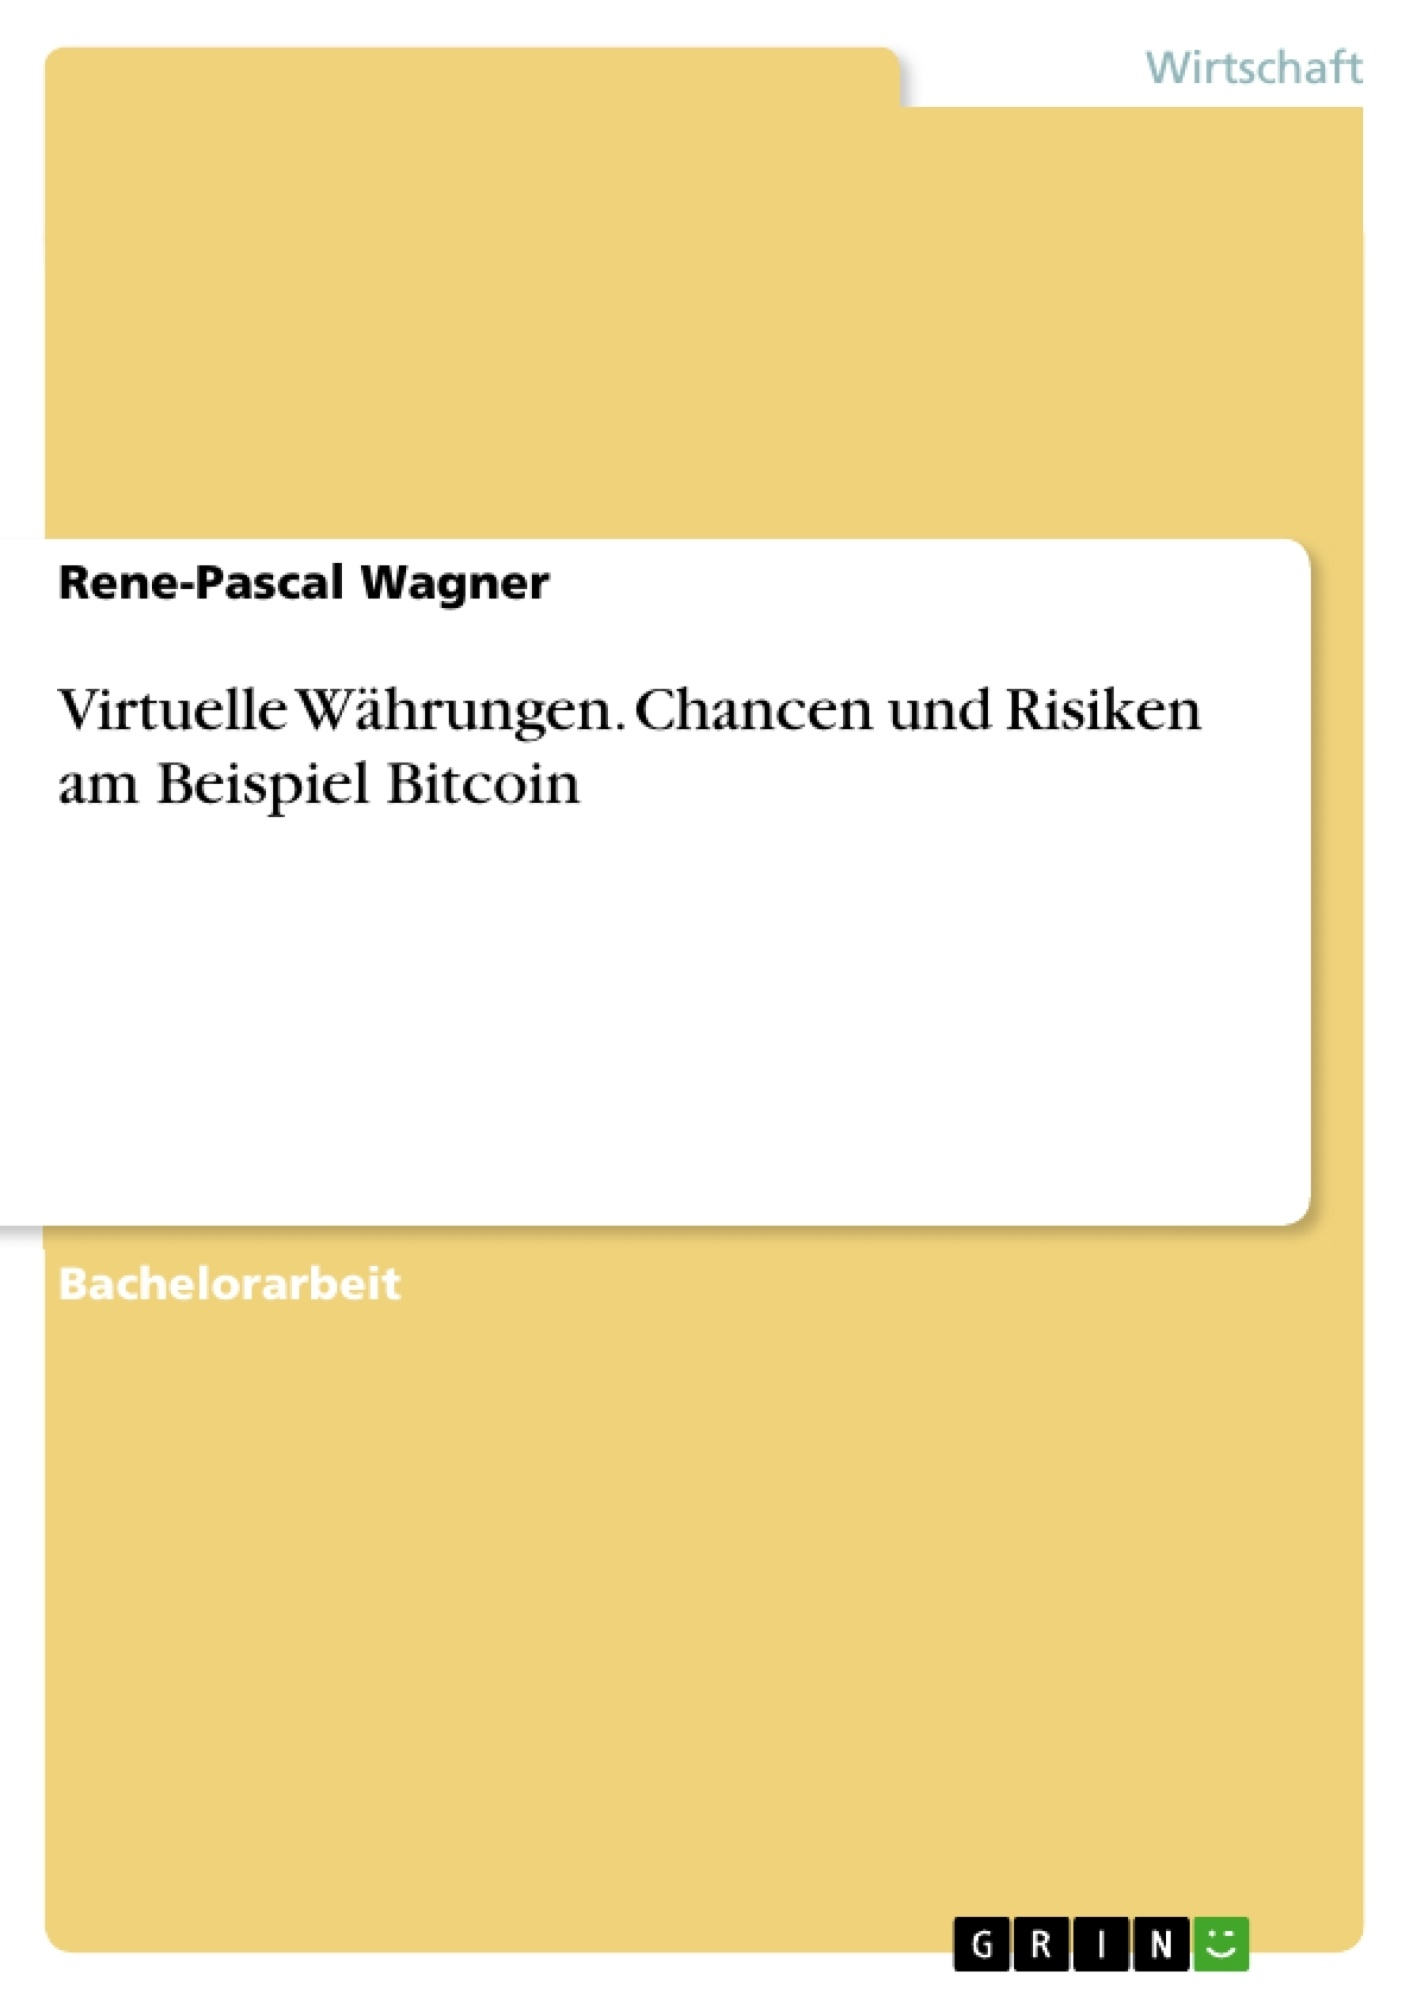 Titel: Virtuelle Währungen. Chancen und Risiken am Beispiel Bitcoin